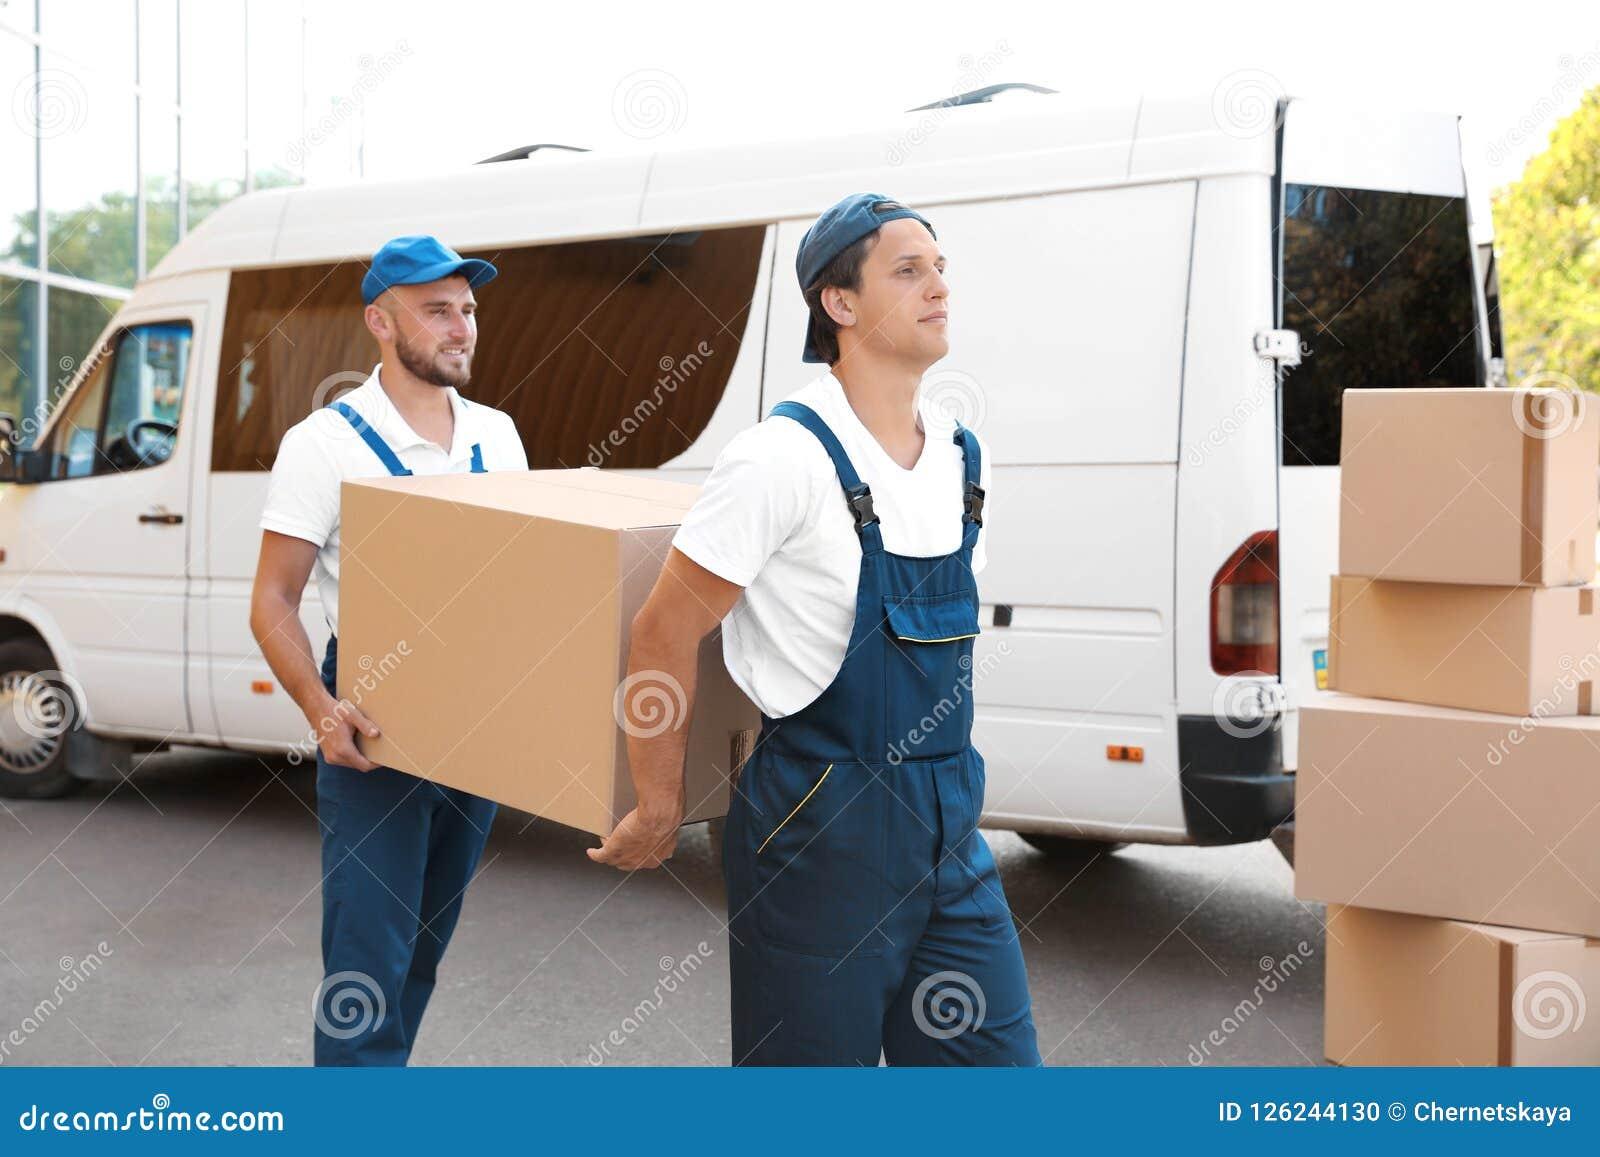 卸载从搬运车的公搬家工人箱子